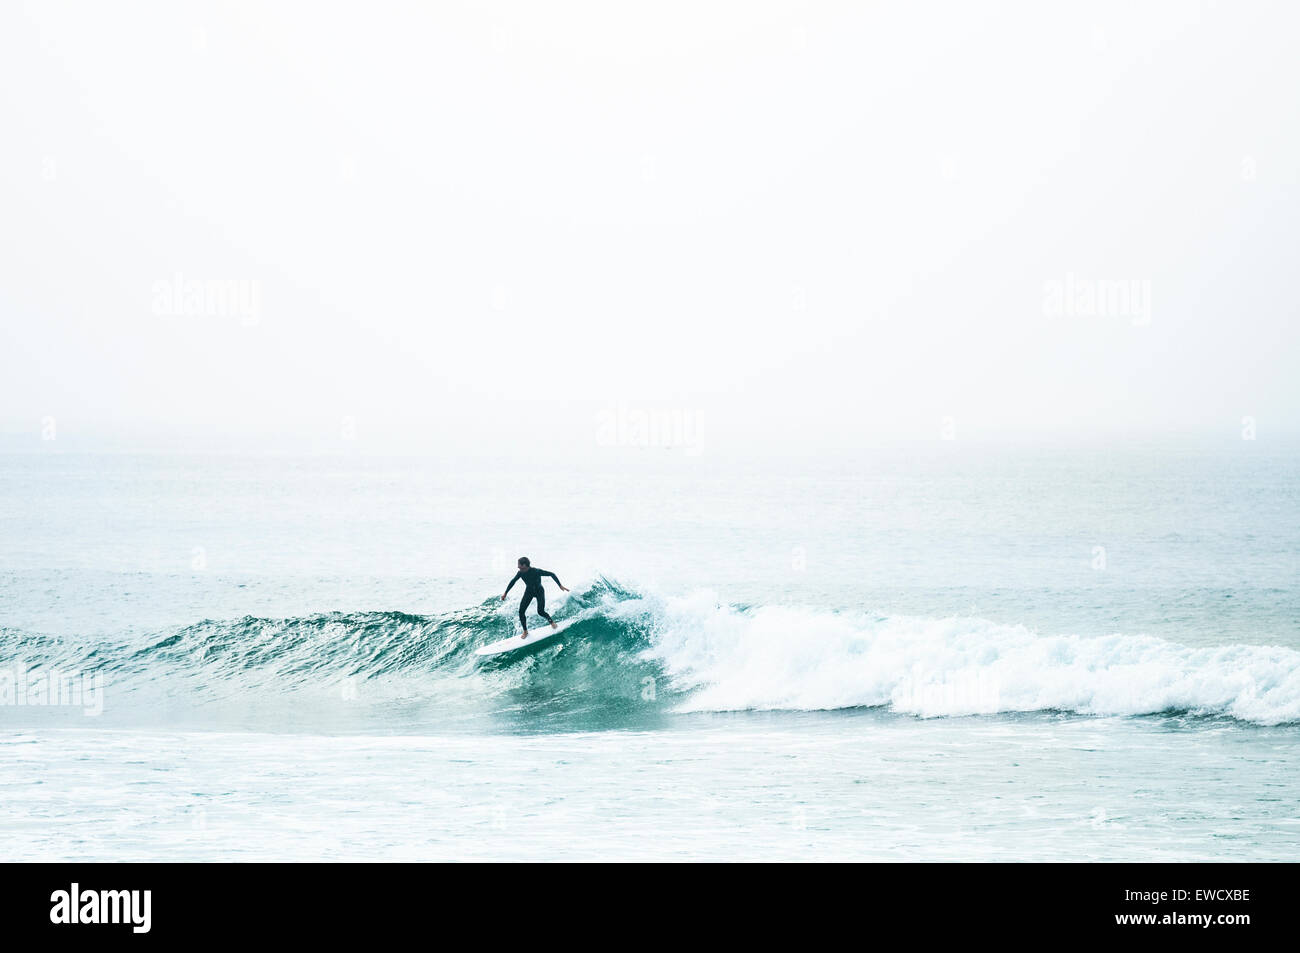 Surfer nach unten schieben einer Glasigen grüne Welle in Cornwall. Stockbild